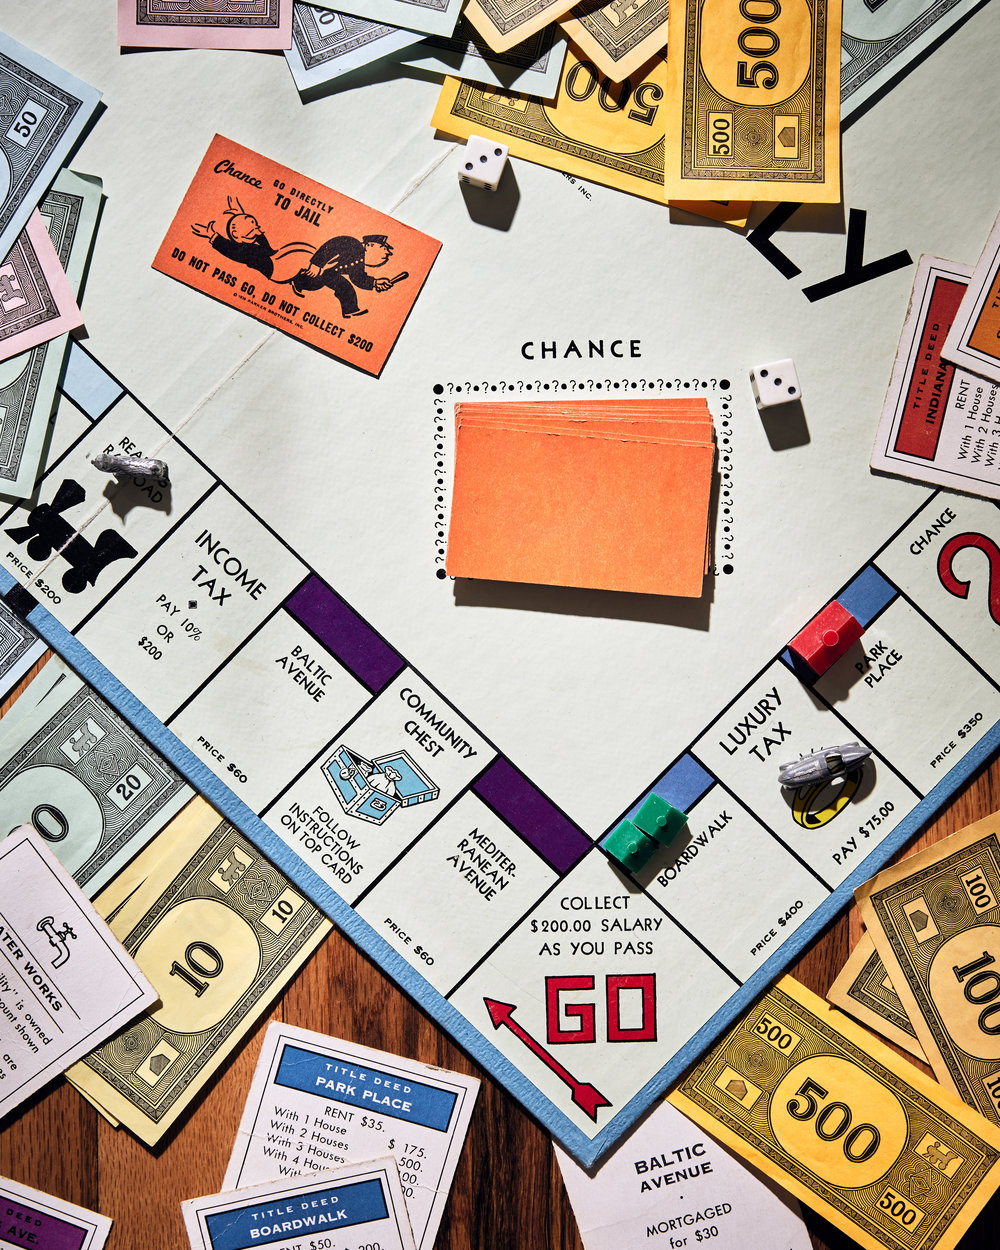 Monopoly copy.jpg